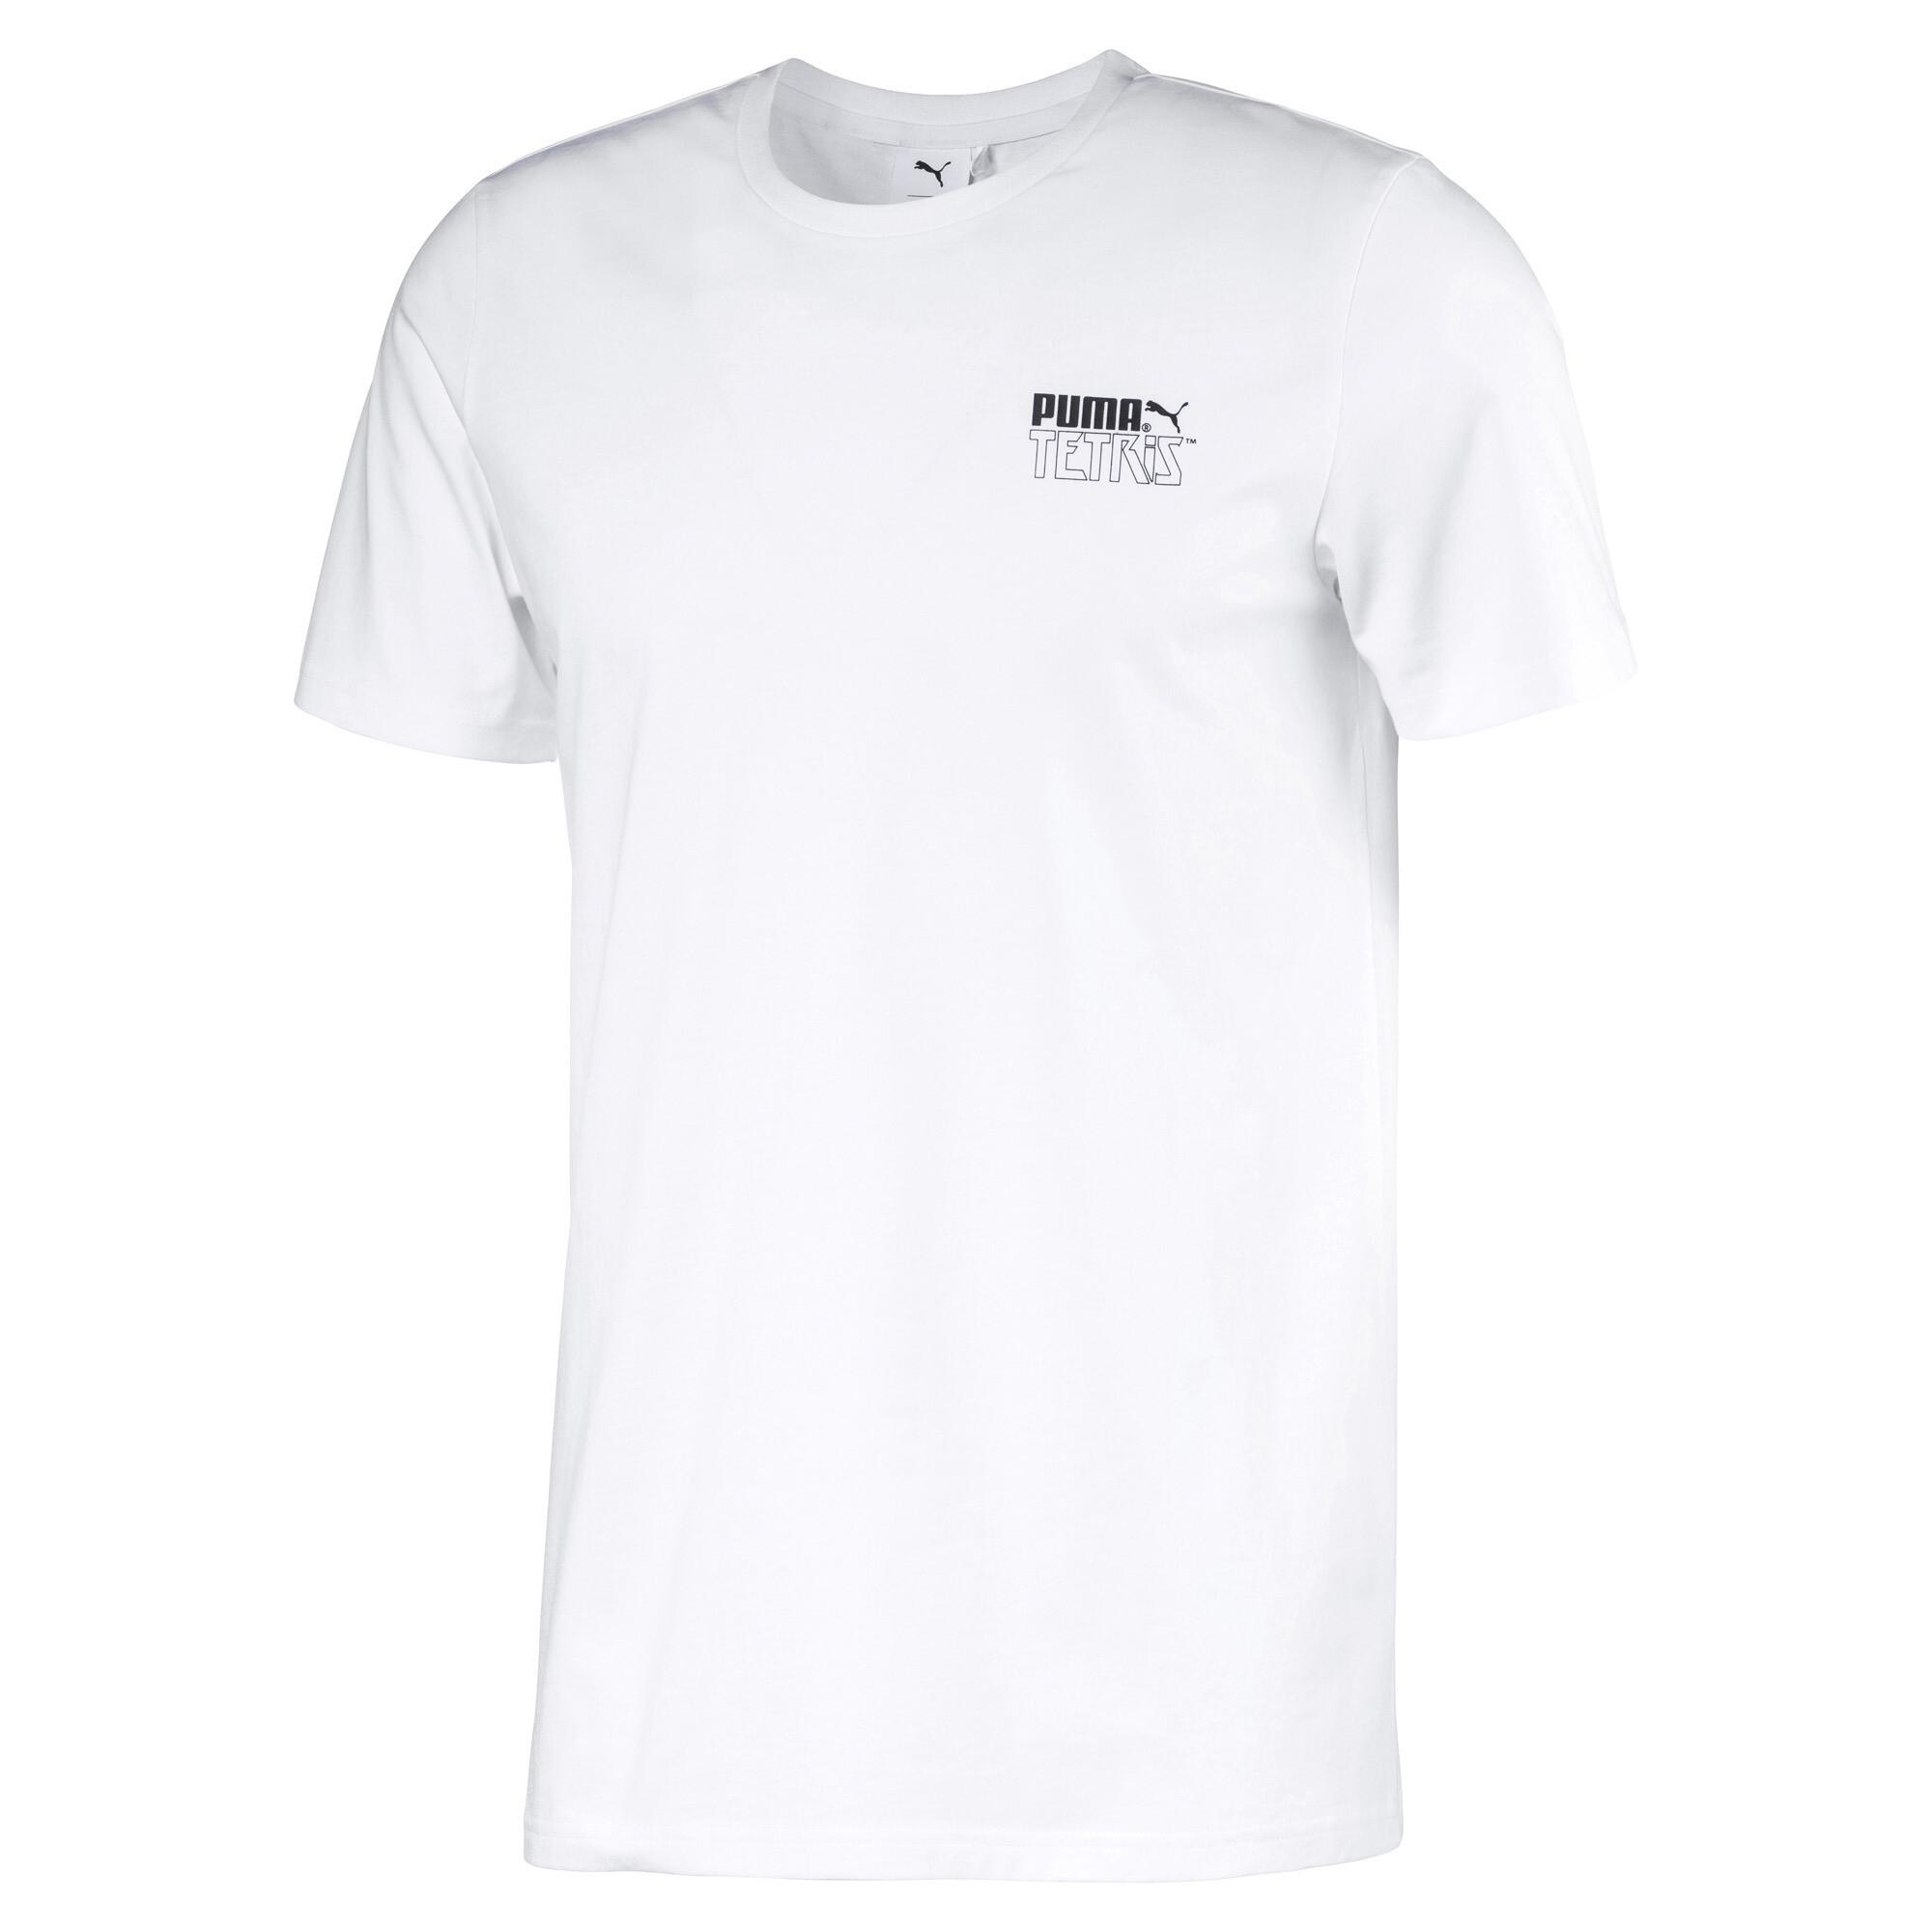 プーマ PUMA x TETRIS ユニセックス Tシャツ ユニセックス Puma White